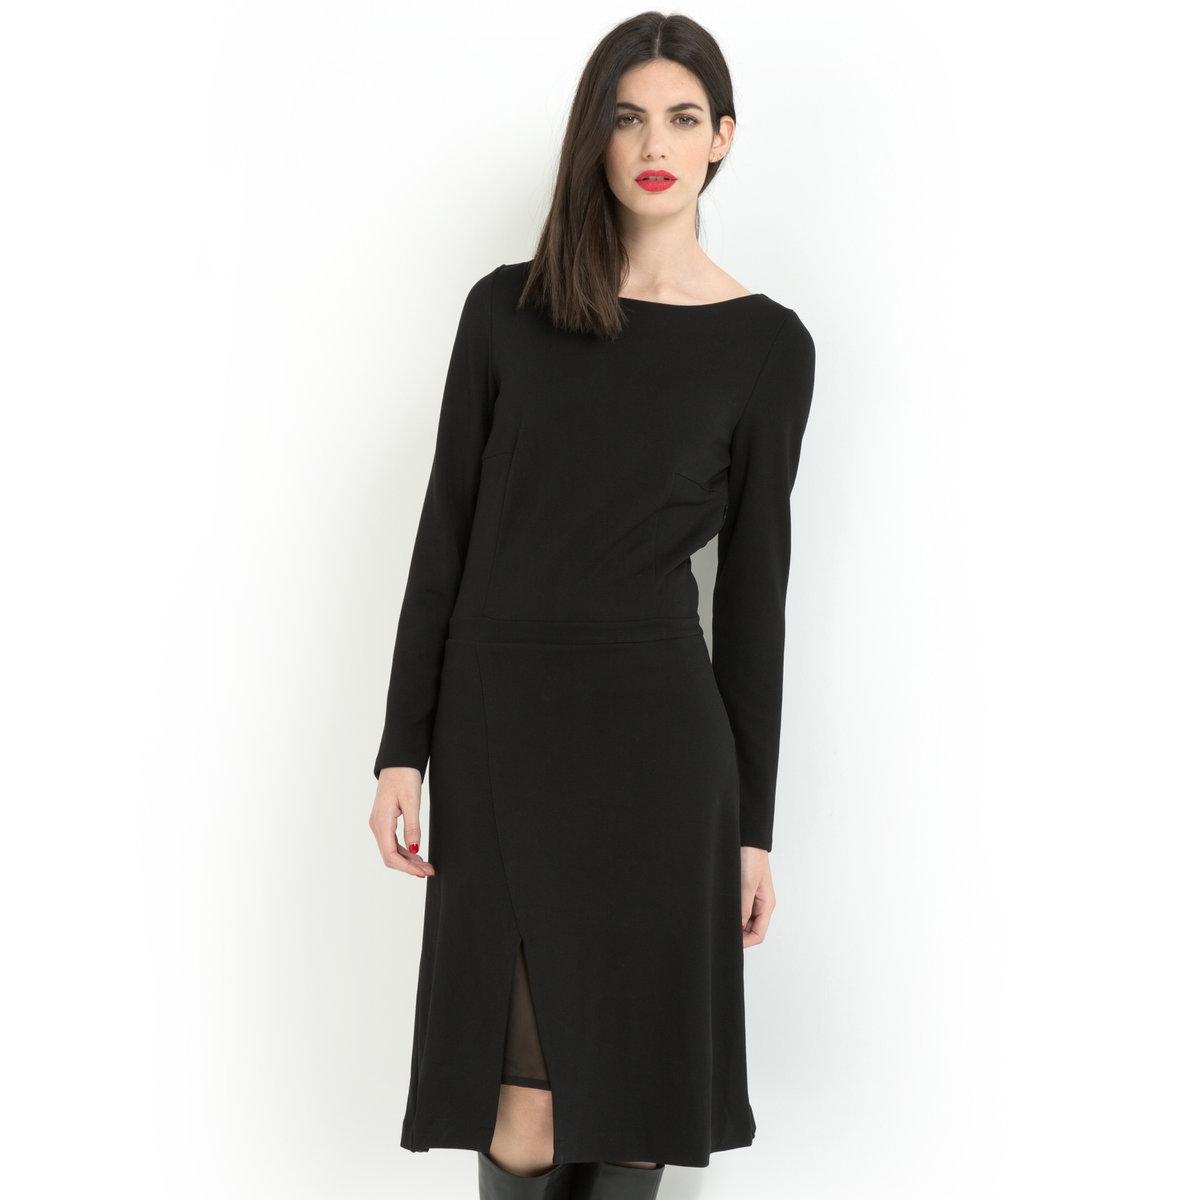 Платье с длинными рукавамиПлатье с длинными рукавами из плотного трикотажа: 70% вискозы, 25% полиэстера, 5% эластана.         Вырез-лодочка. Планка с золотистыми пуговицами на плече. Вшитый пояс. Вытачки на поясе спереди и сзади.  Расклешенная юбка на подкладке из вуали (100% полиэстера) с асимметричным вырезом спереди, открывающим часть подкладки.    Длина 100 см.<br><br>Цвет: черный